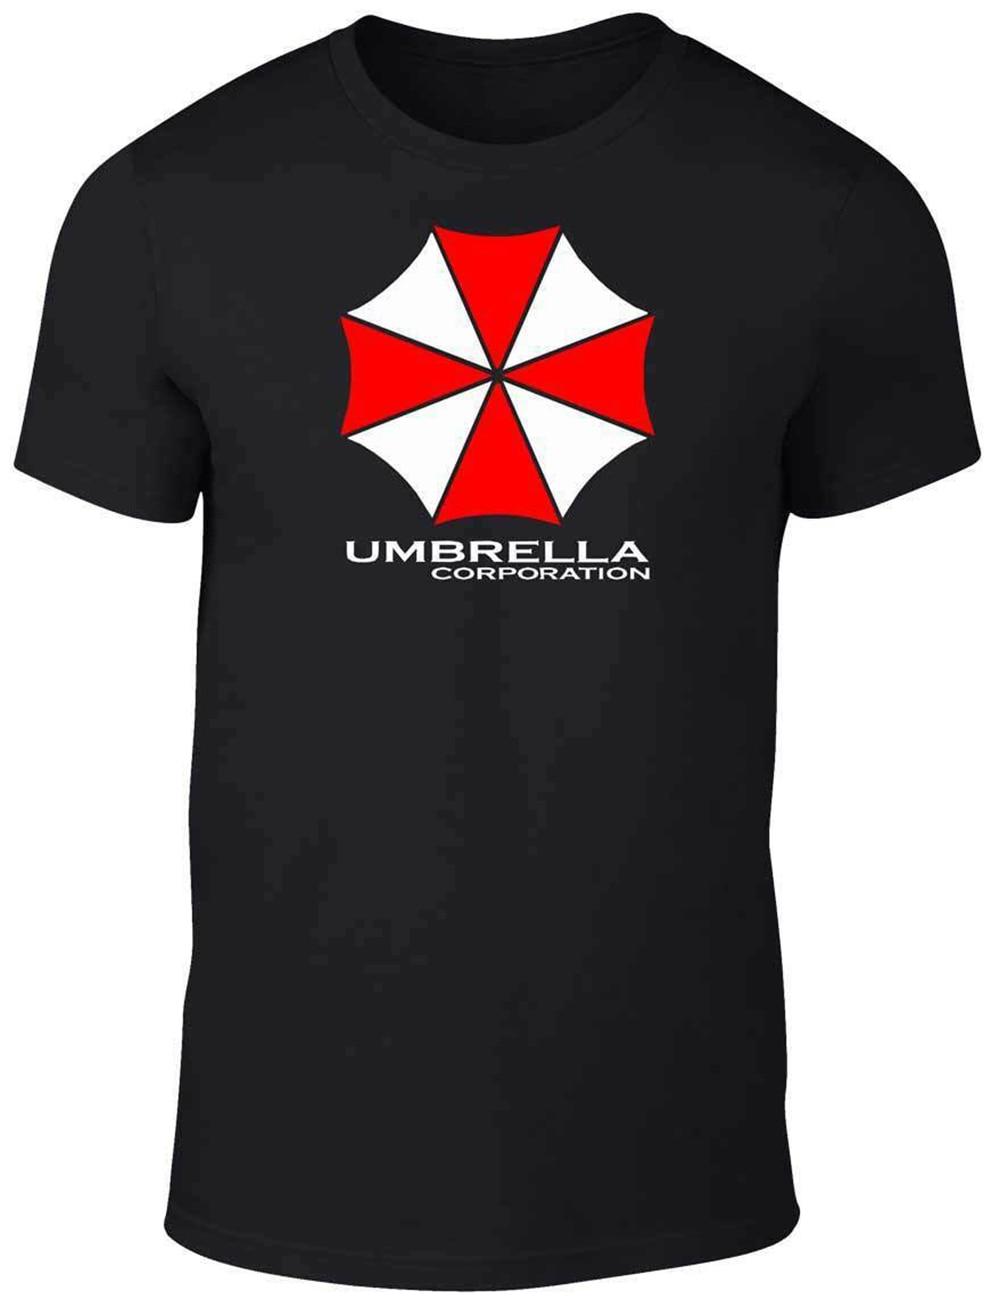 Camiseta paraguas corporación para hombre-regalo Horror zombi Sc-Fi película Top envío gratis camiseta ligera